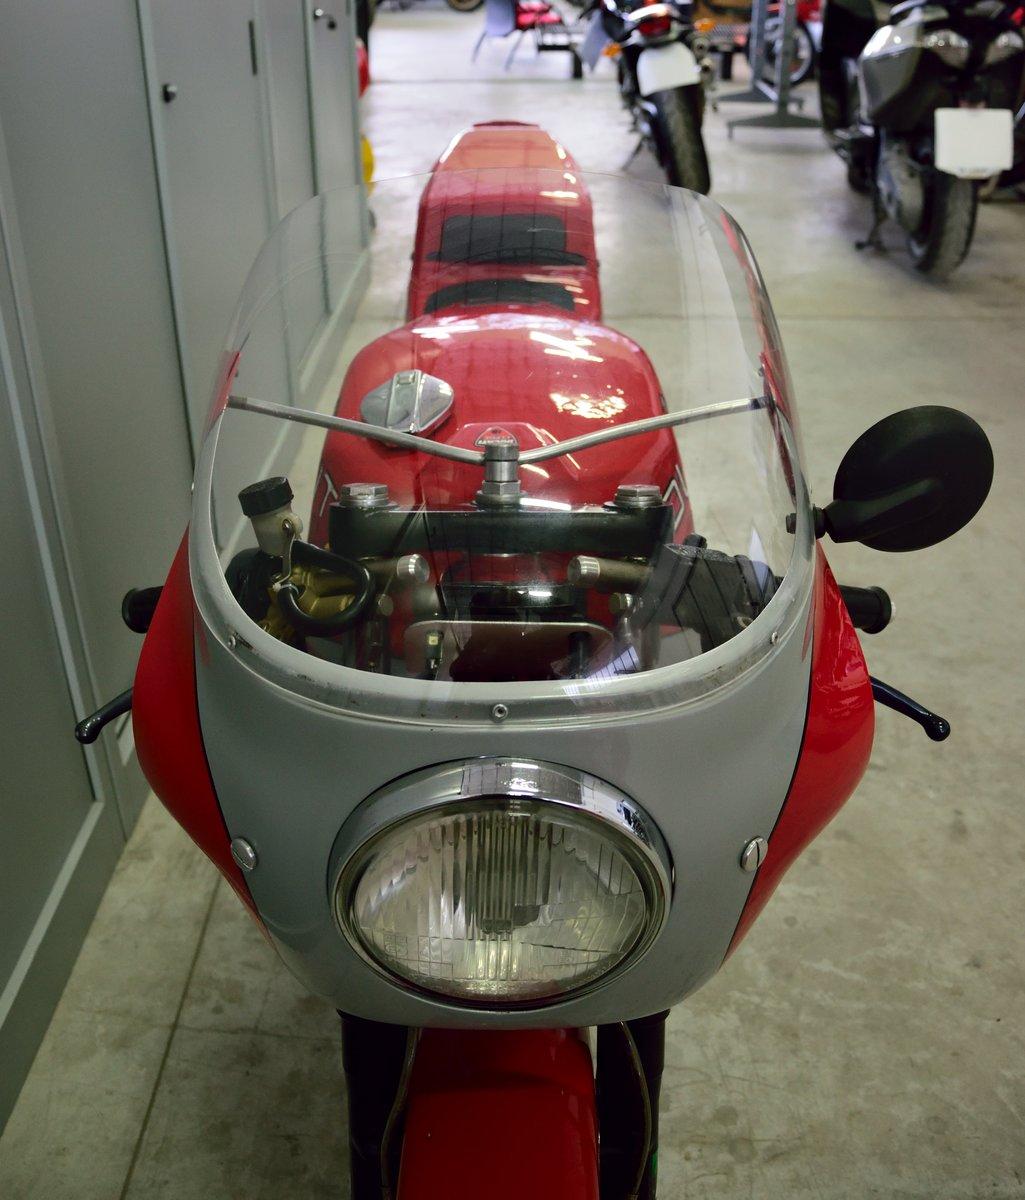 1983 Ducati Pantah NCR 600 For Sale (picture 5 of 6)